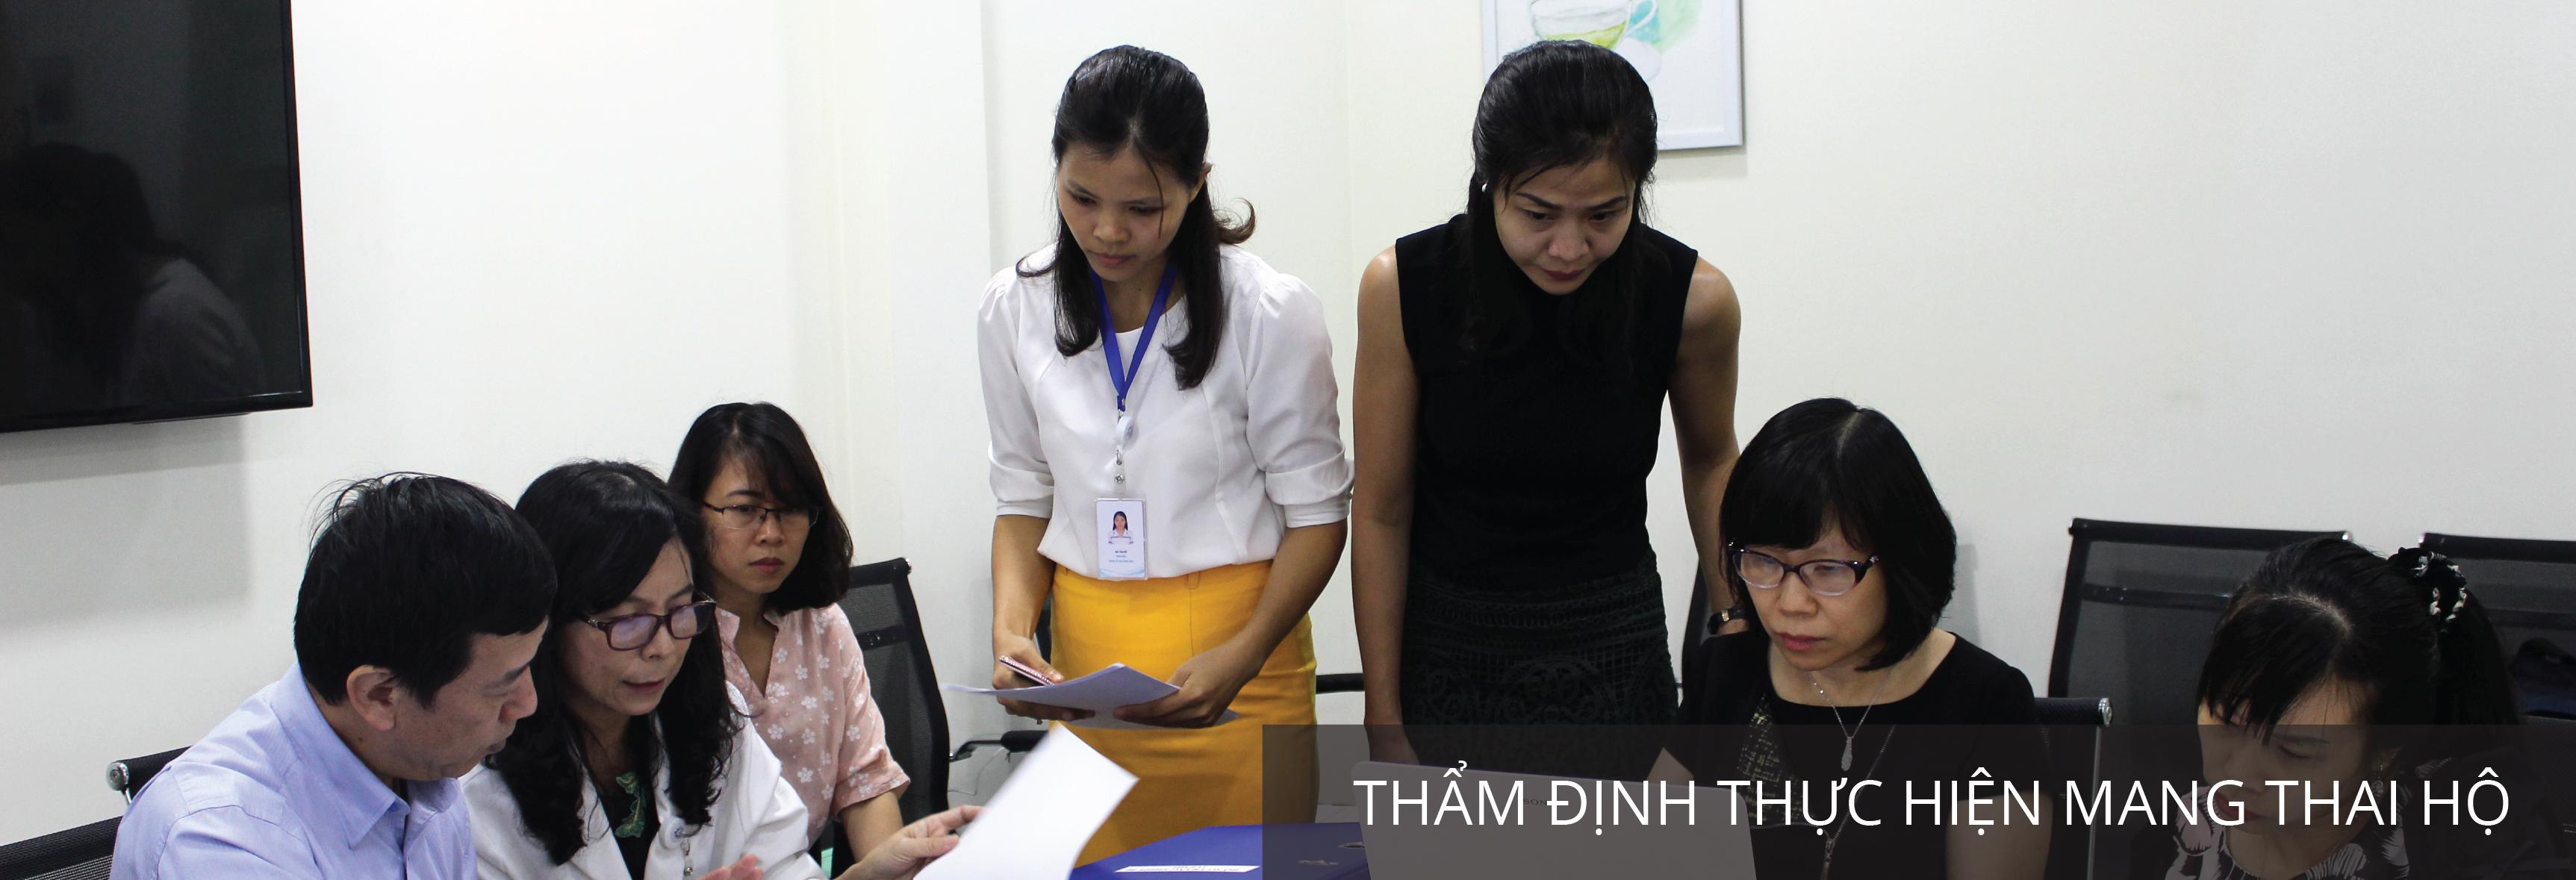 IVFMD-MangThaiHo